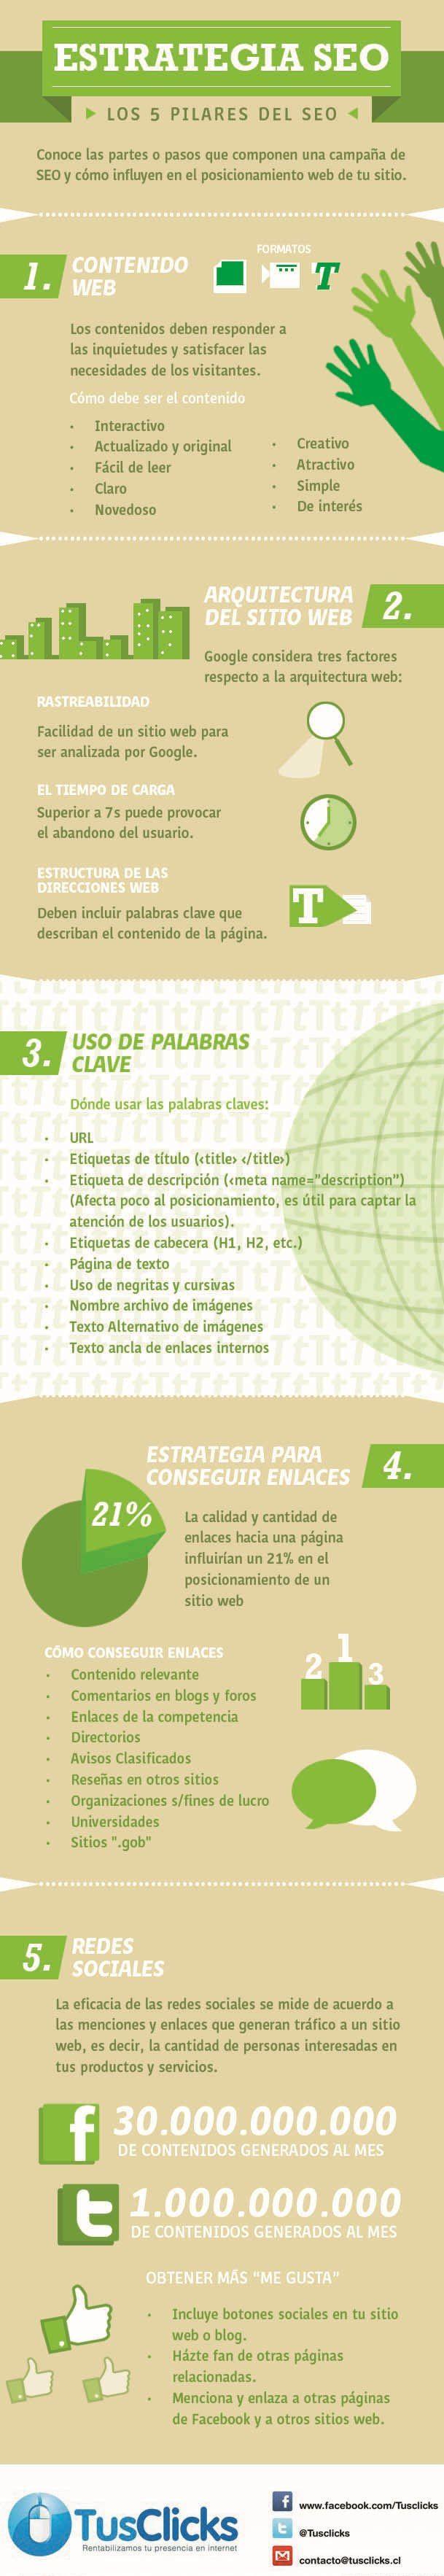 Infografía en español que muestra como crear una estrategia SEO